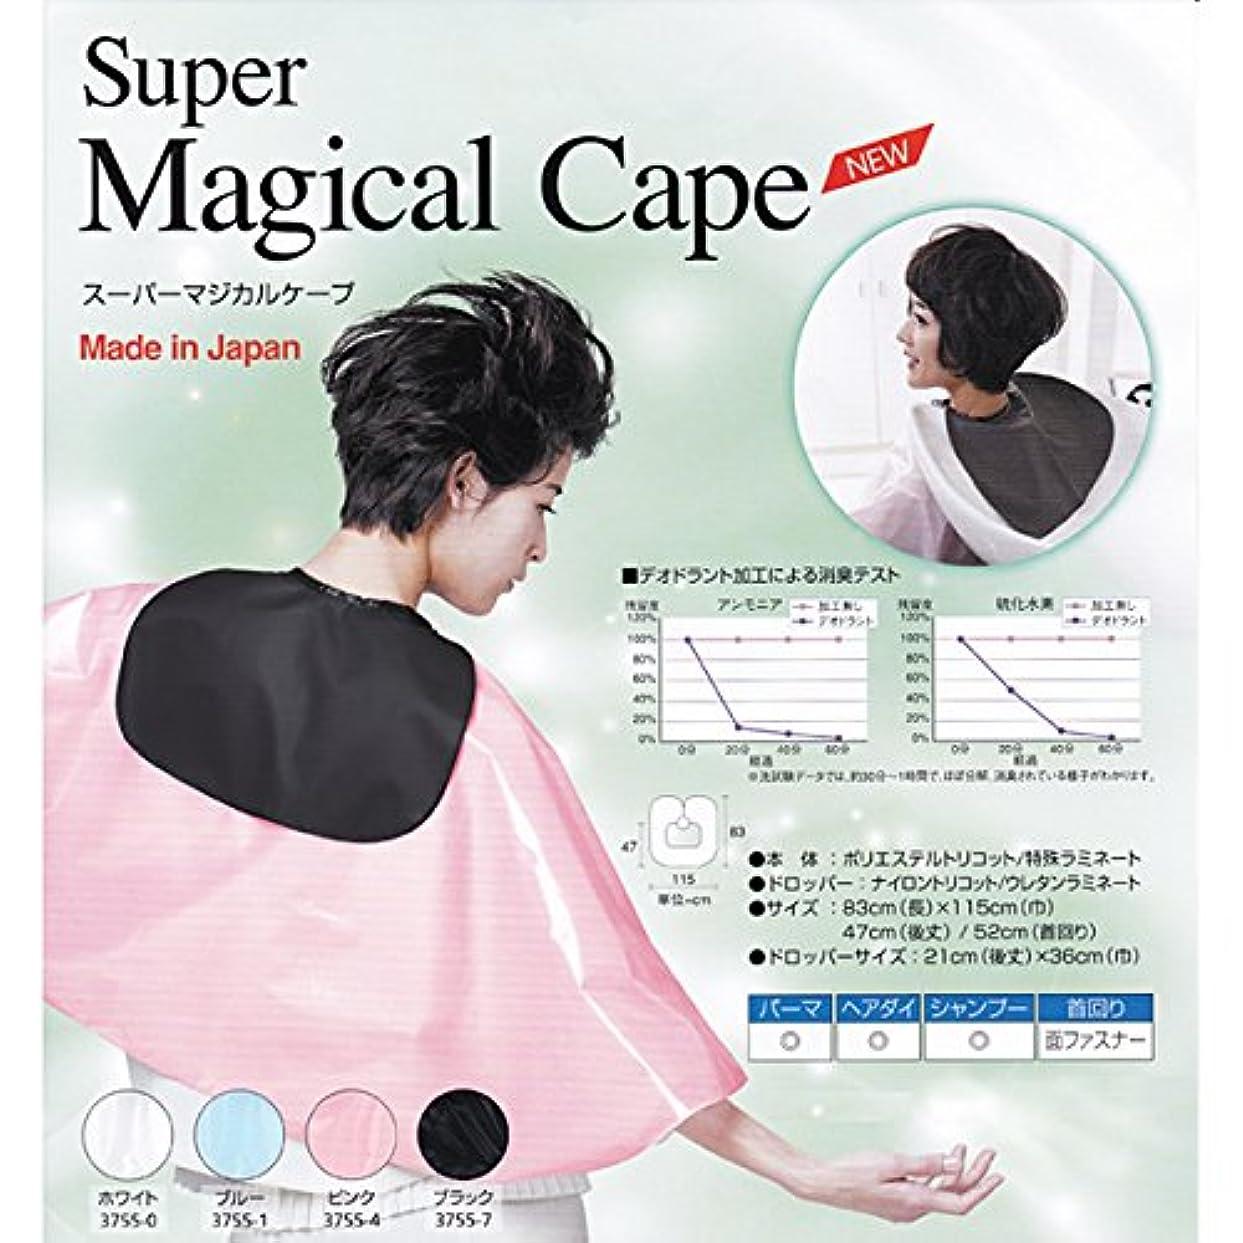 数学的なふくろう溶融ワコウ スーパーマジカルケープ No.3759 3755-7(ブラック)